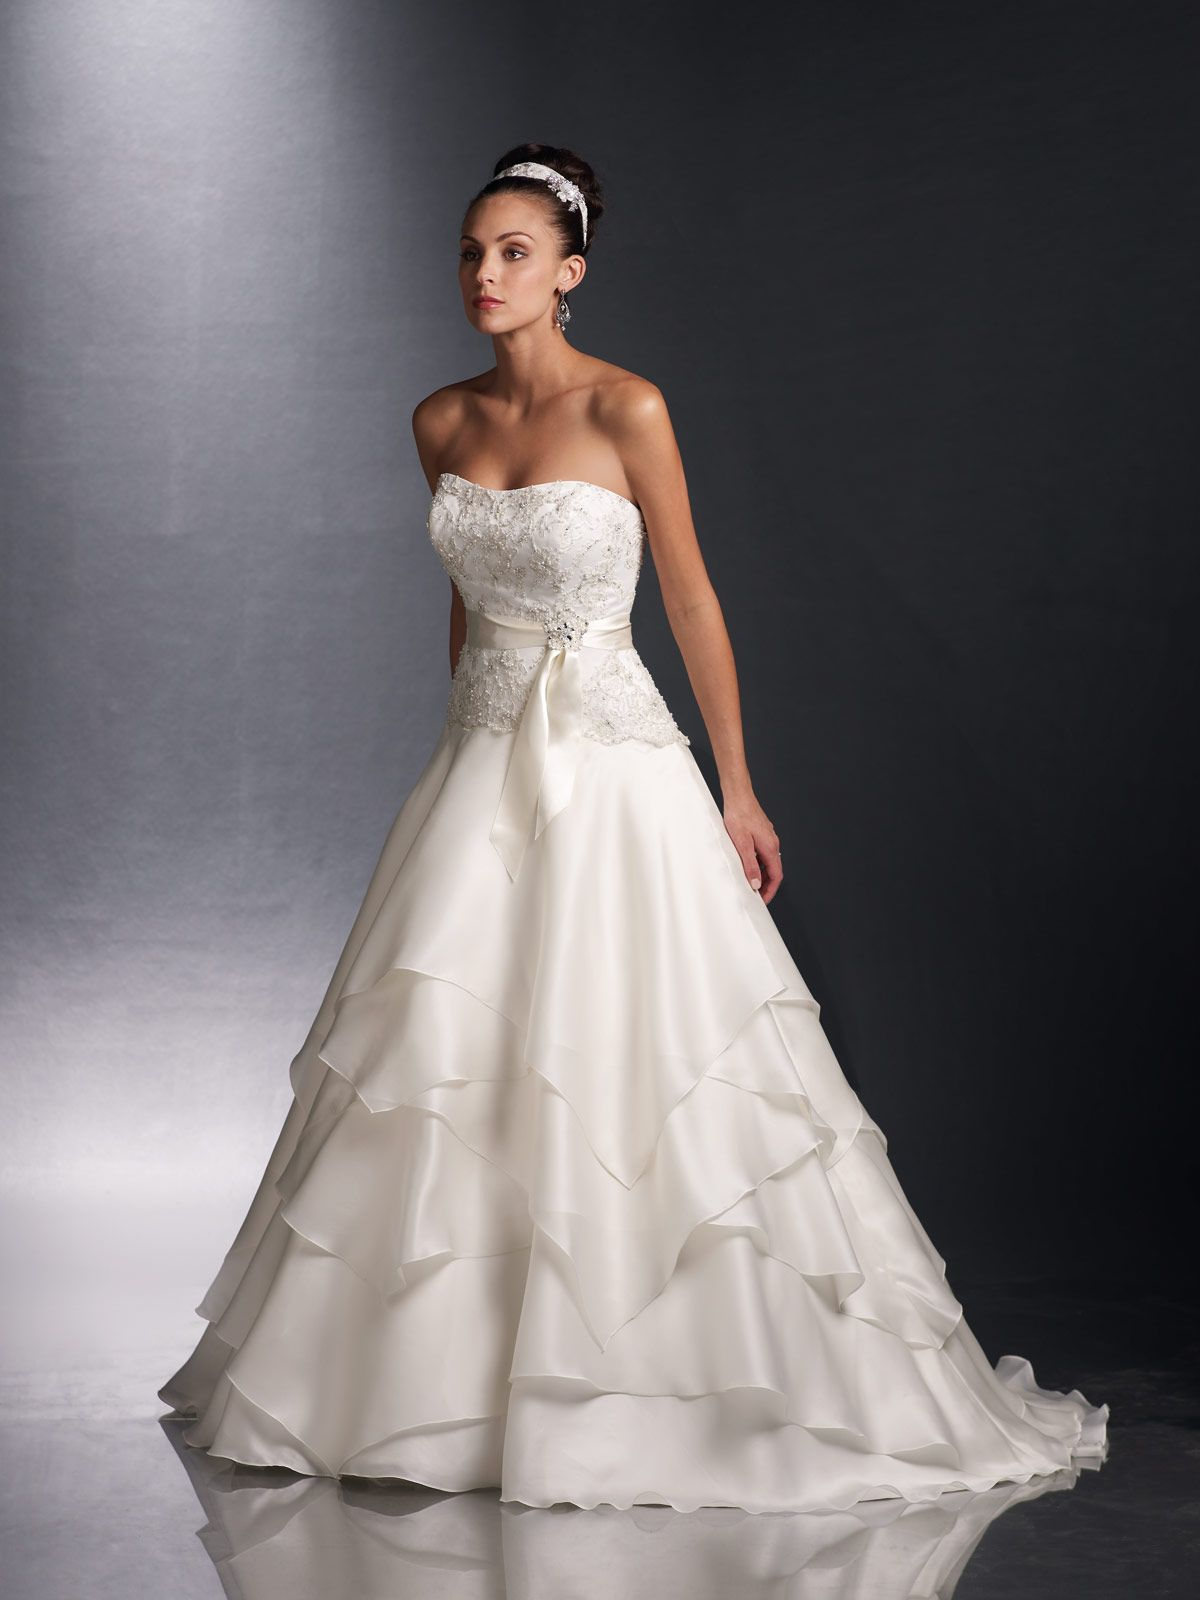 James clifford designer wedding dresses style js wedding